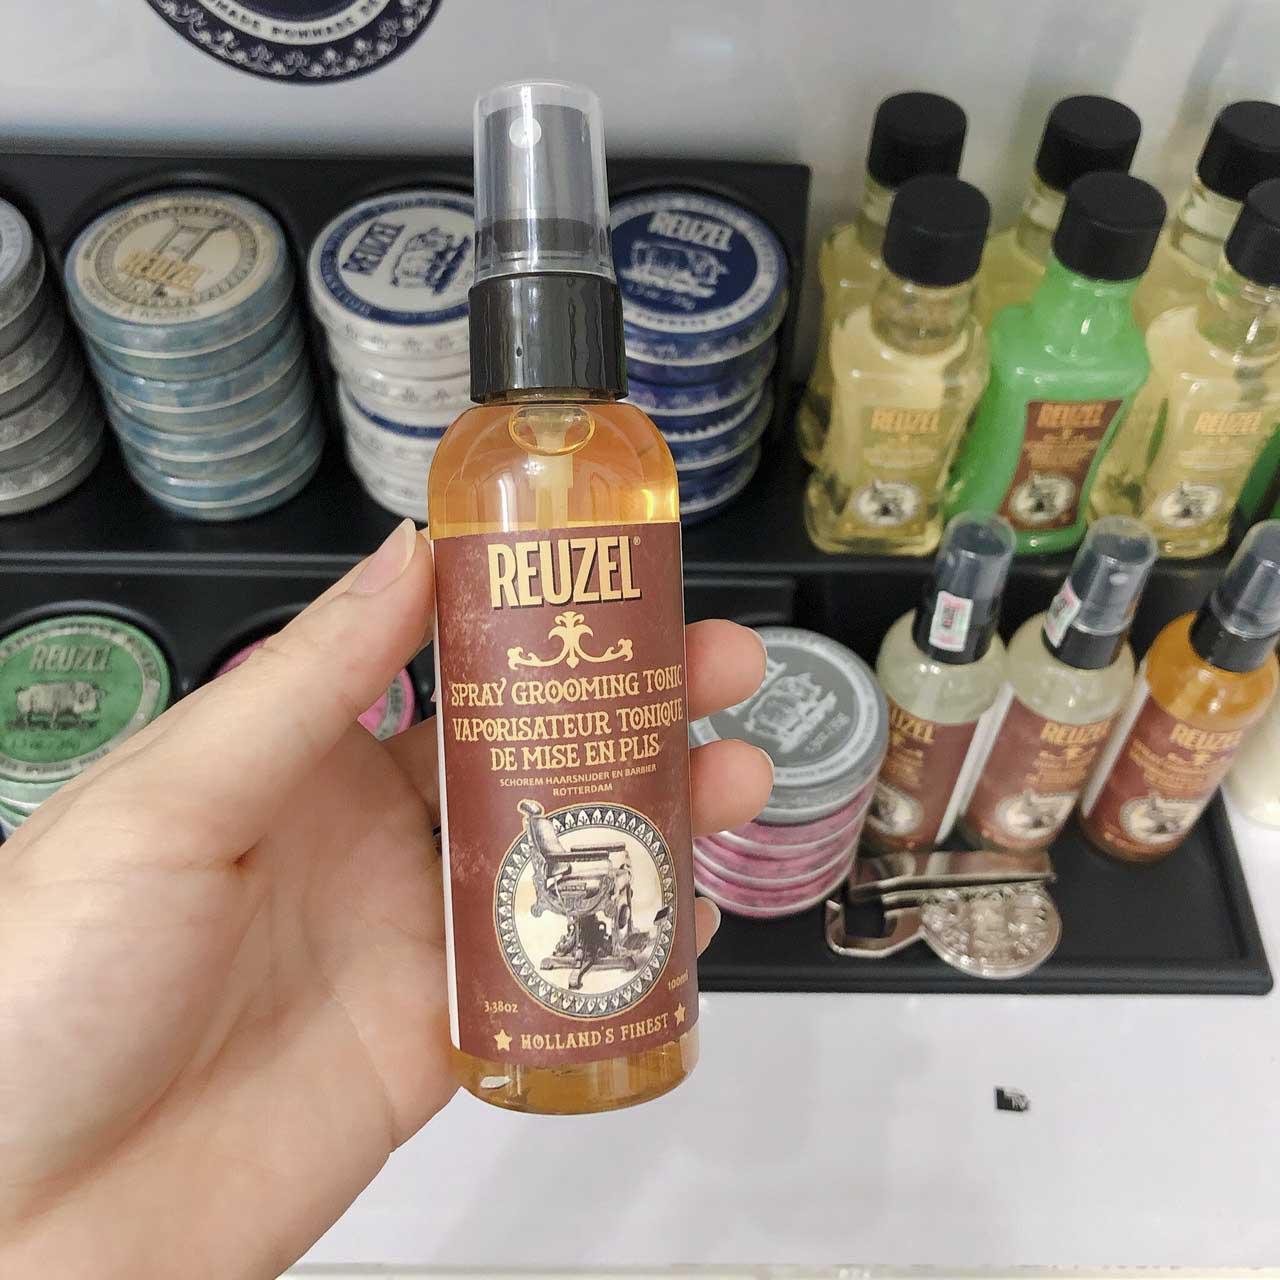 reuzel-spray-grooming-tonic-100ml-02